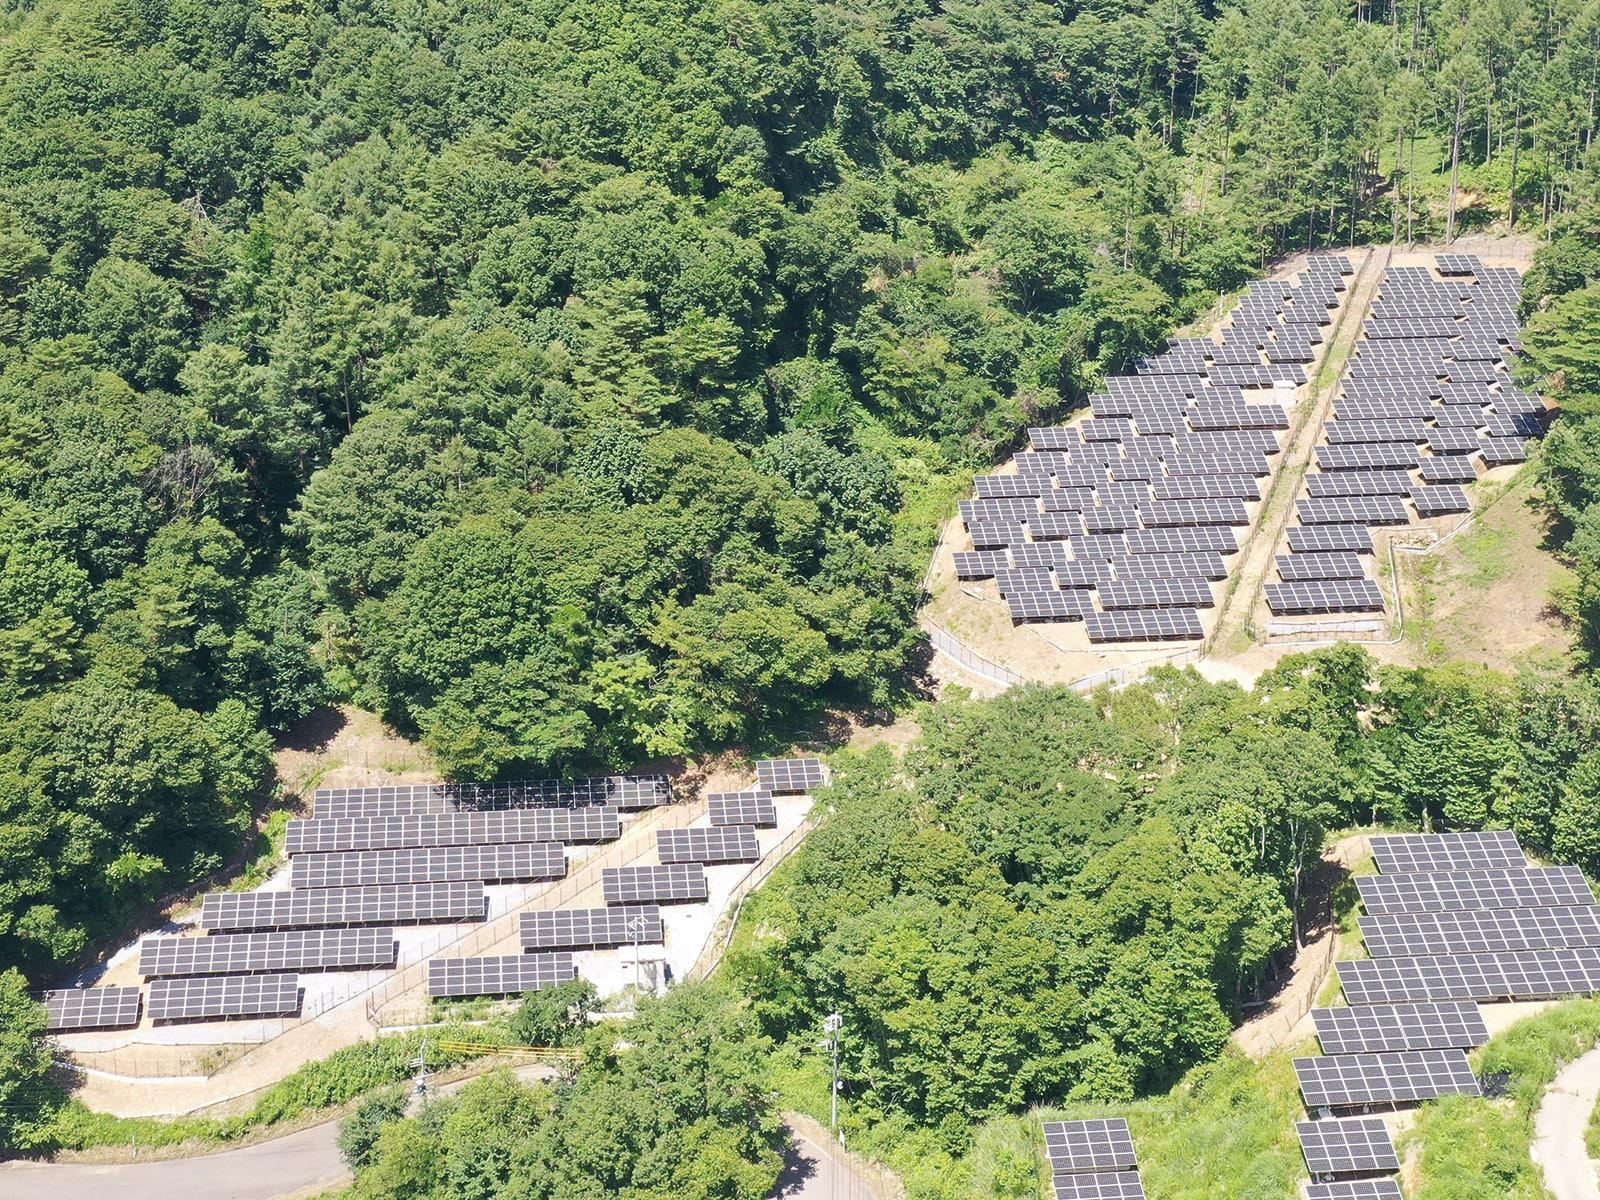 Blue Power軽井沢第6発電所|発電施設一覧|再生可能エネルギー ...